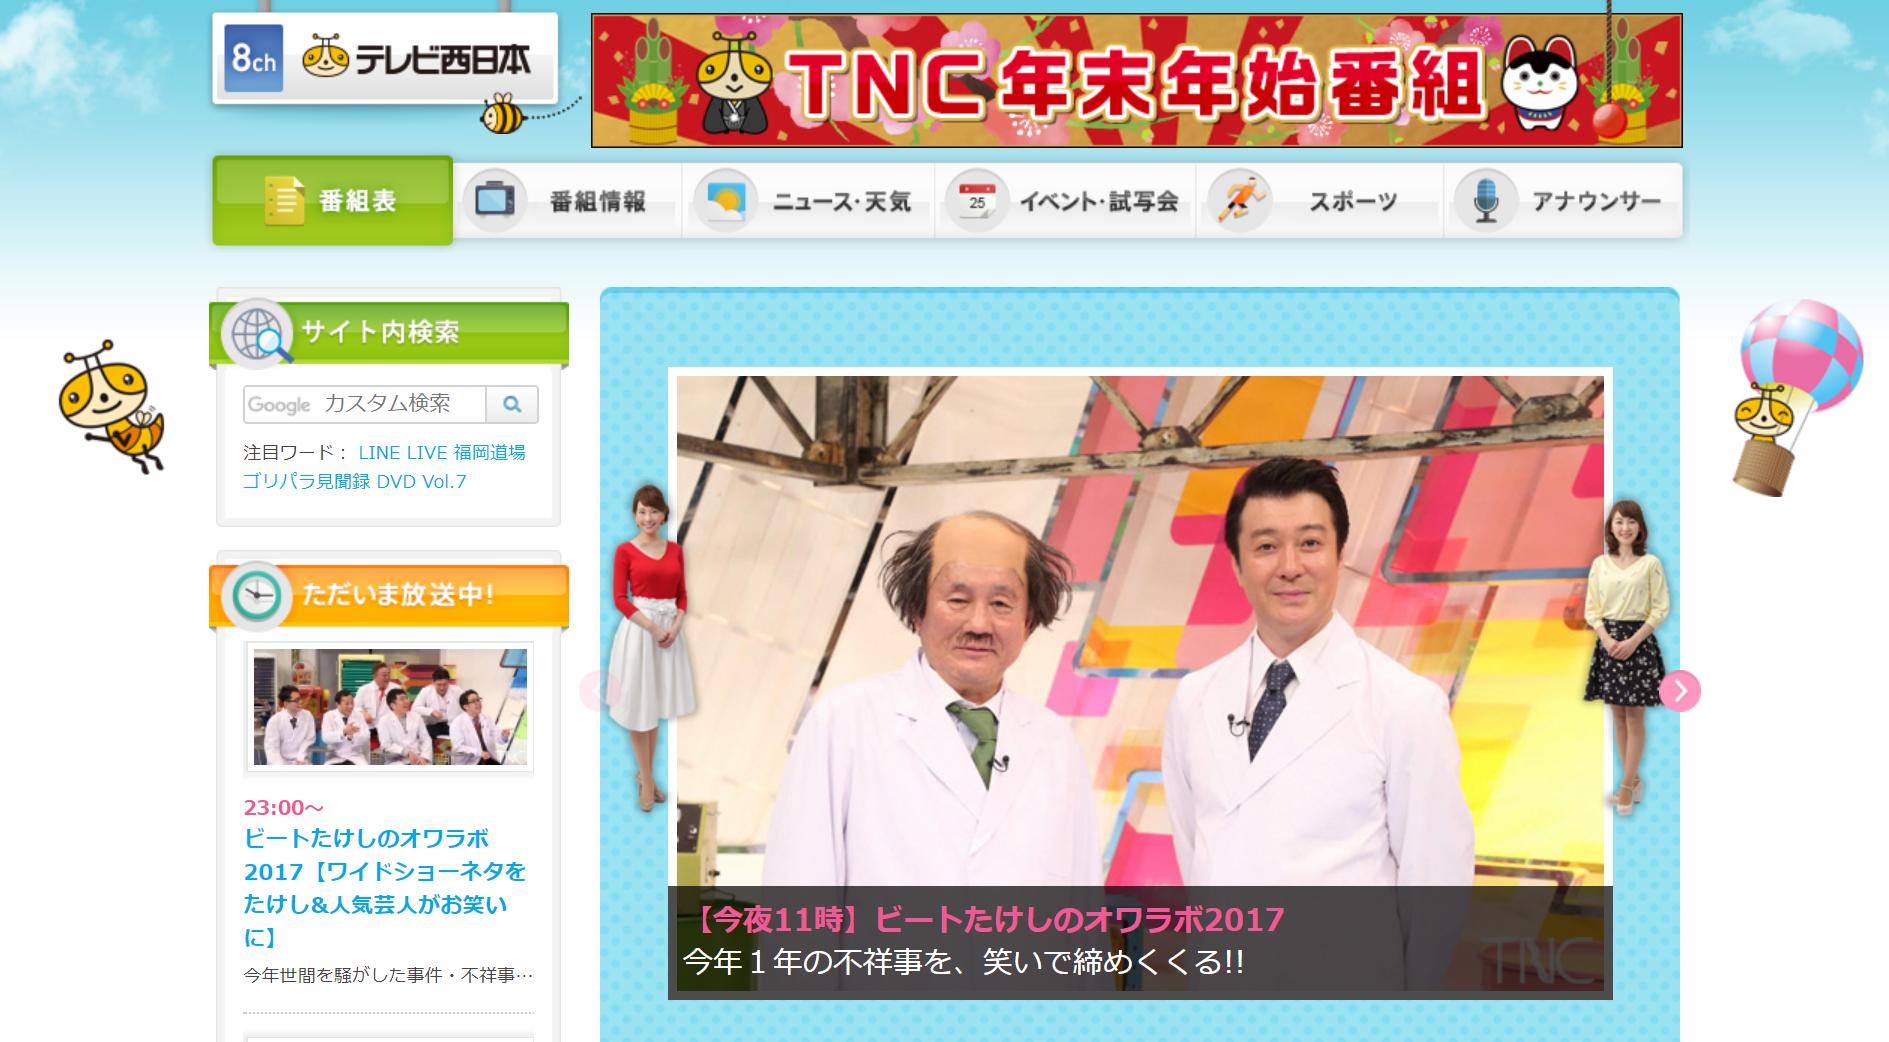 妻から見たテレビ西日本の評判・口コミは?